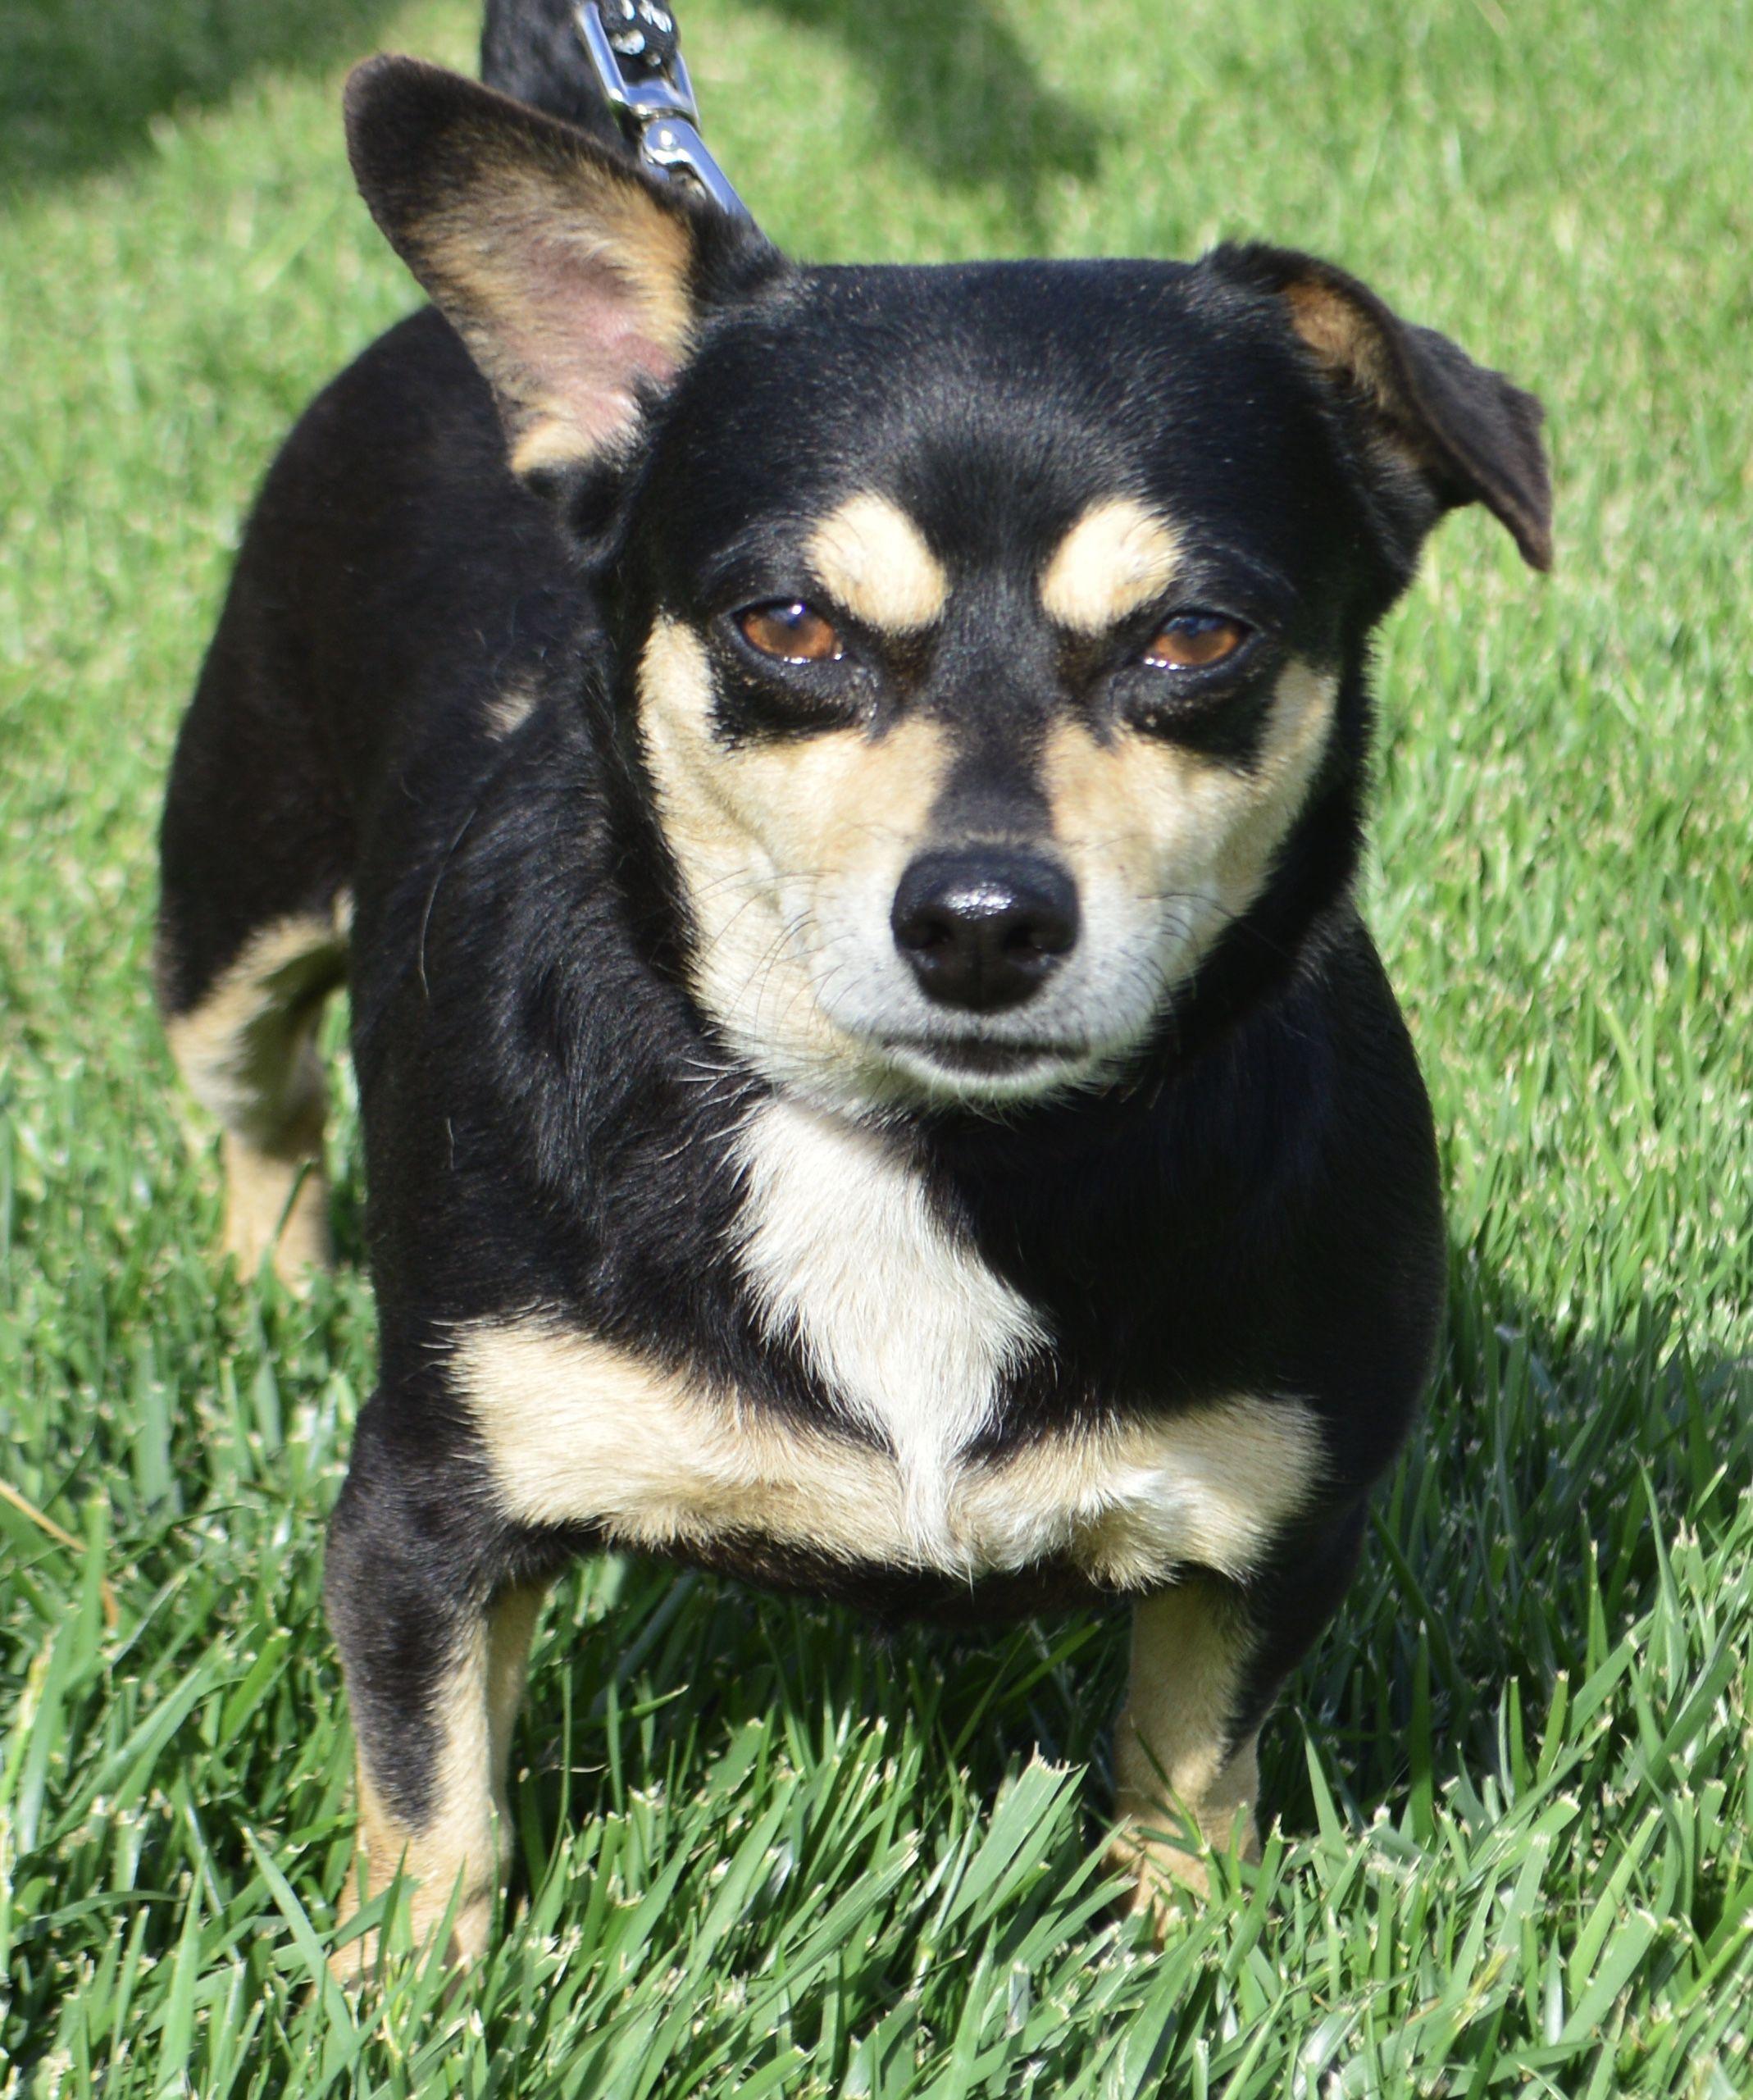 Bo Dach Dog For Adoption In Palo Alto Ca Adn 529104 On Puppyfinder Com Gender Female Age Adult Dog Adoption